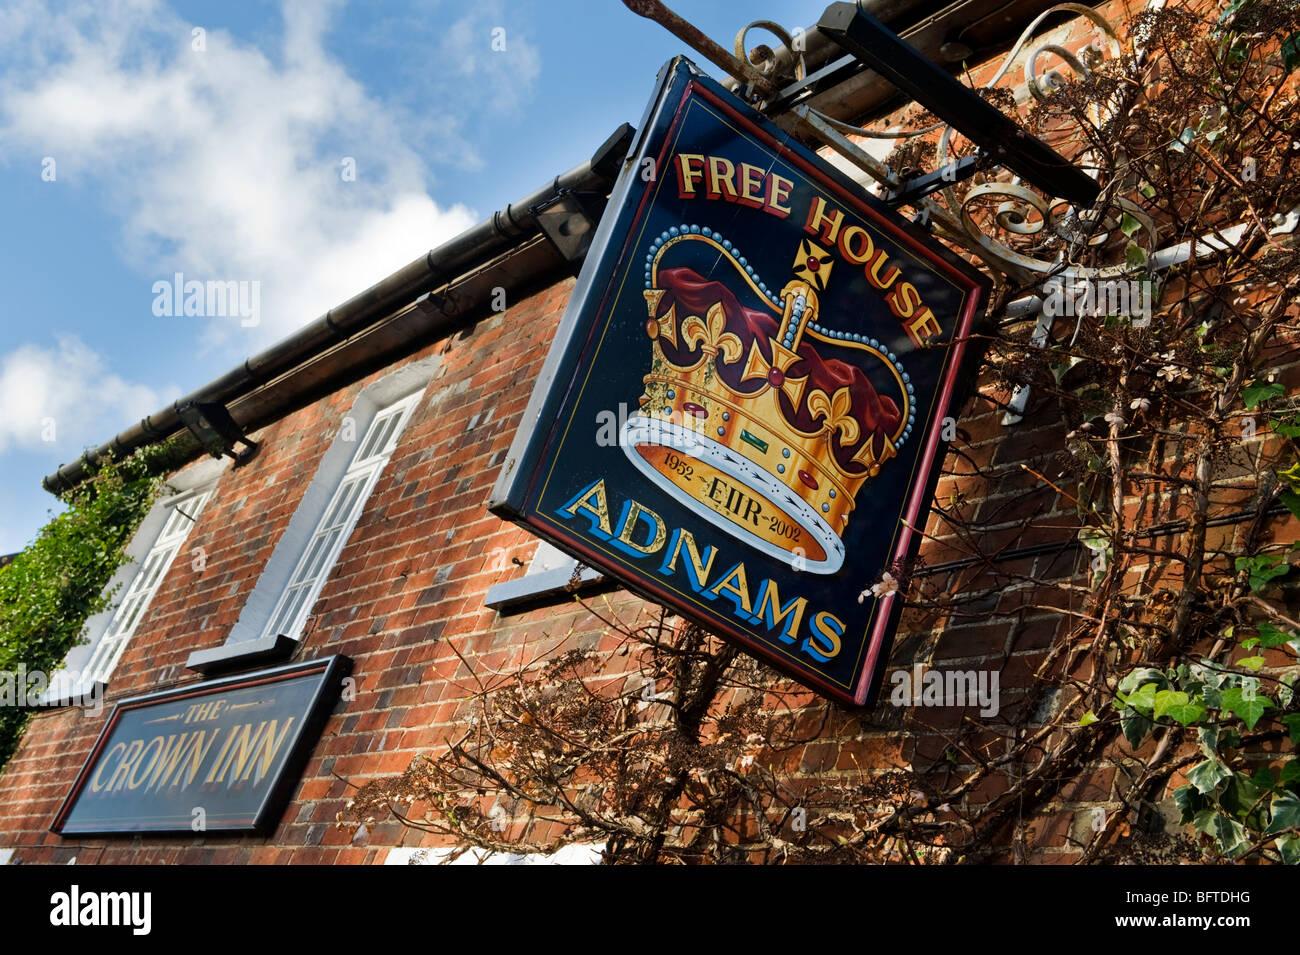 The Crown inn pub sign in Little Missenden, Buckinghamshire UK - Stock Image